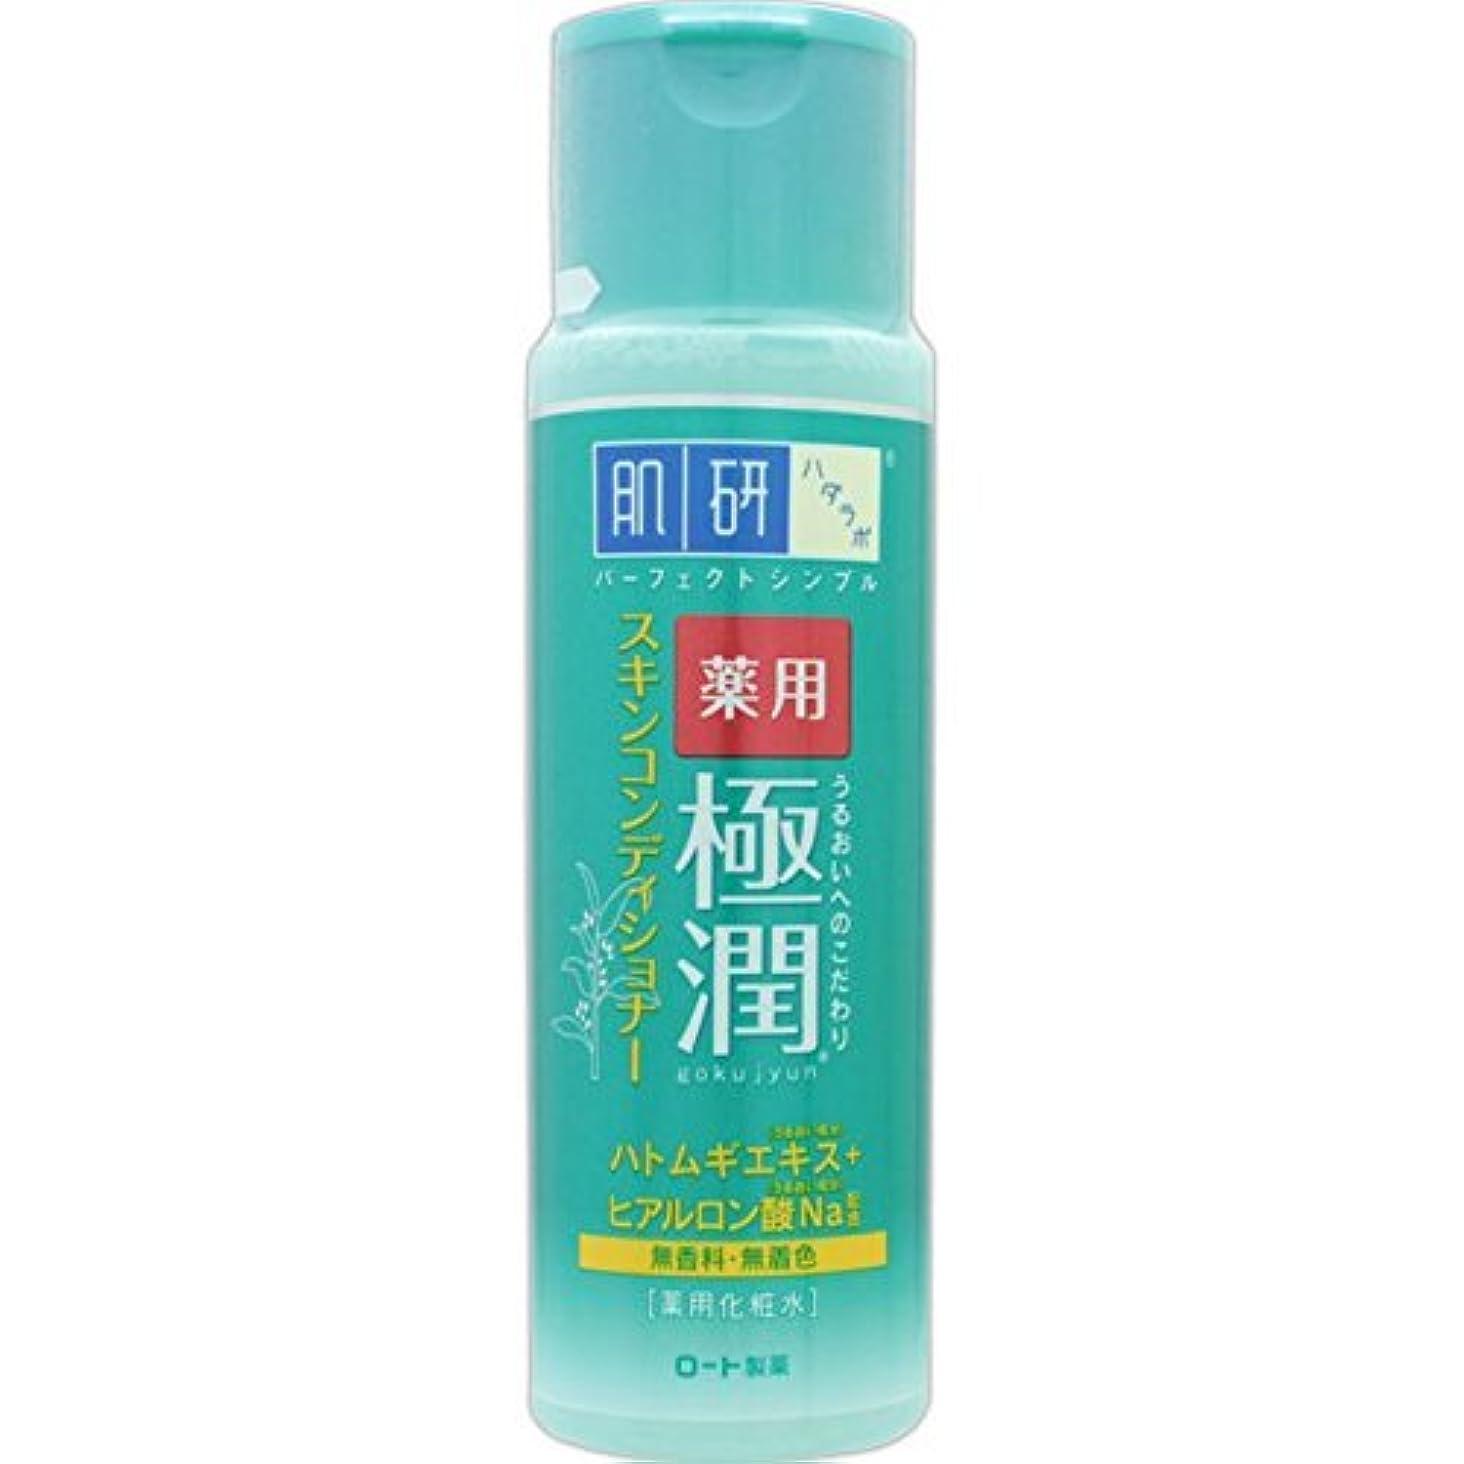 適用する傾く義務肌研 薬用 極潤 スキンコンディショナー 170mL (医薬部外品)